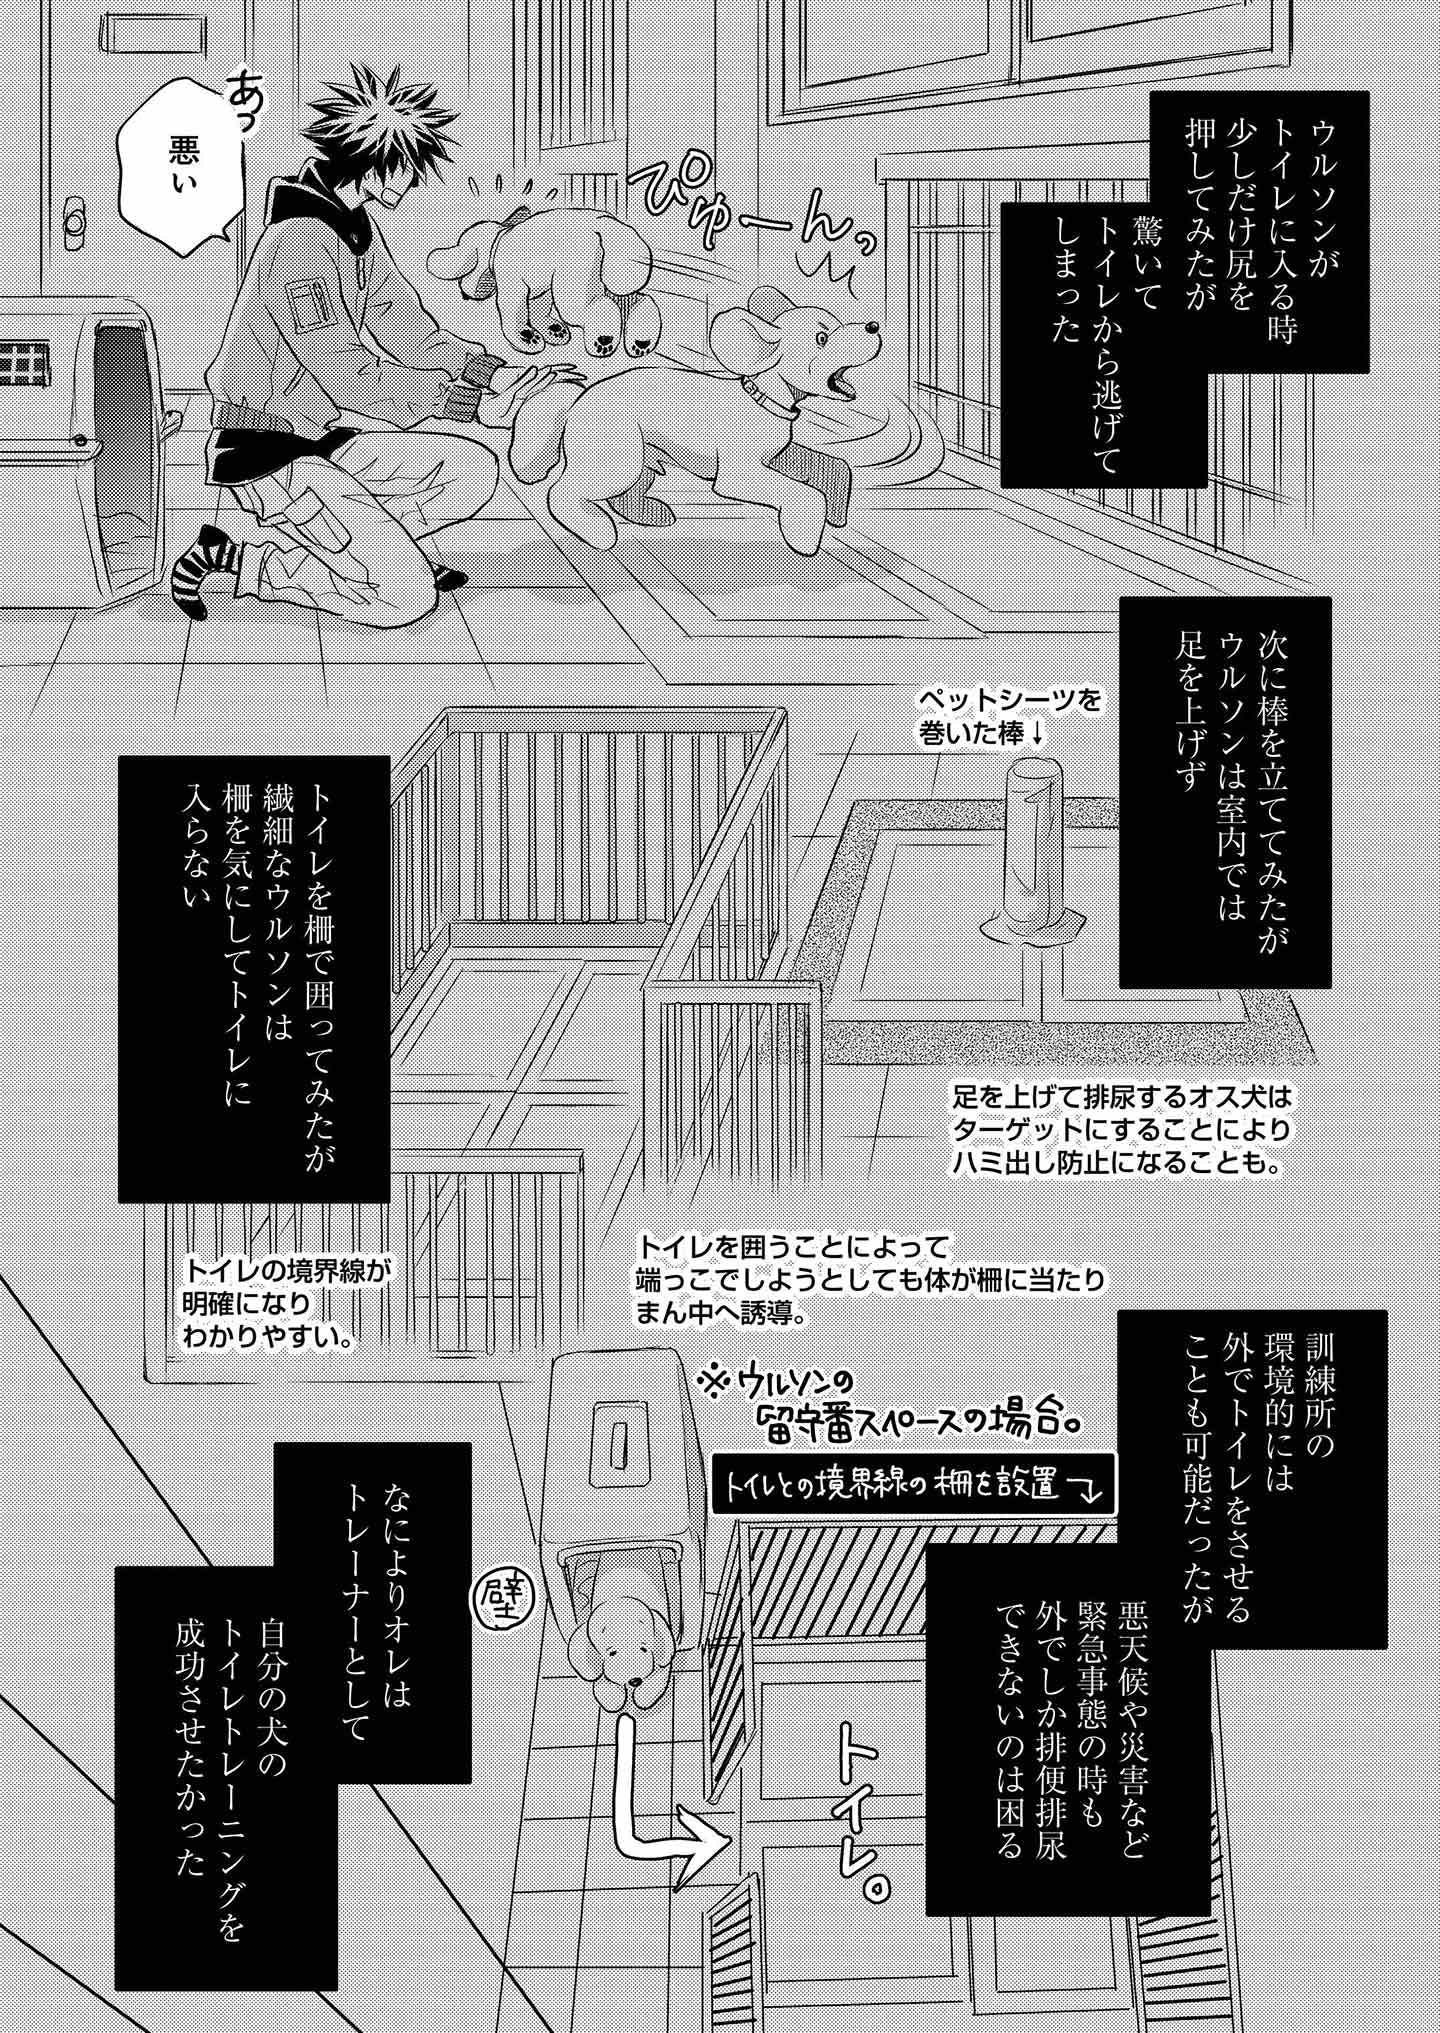 『DOG SIGNAL』14話目② 6ページ目